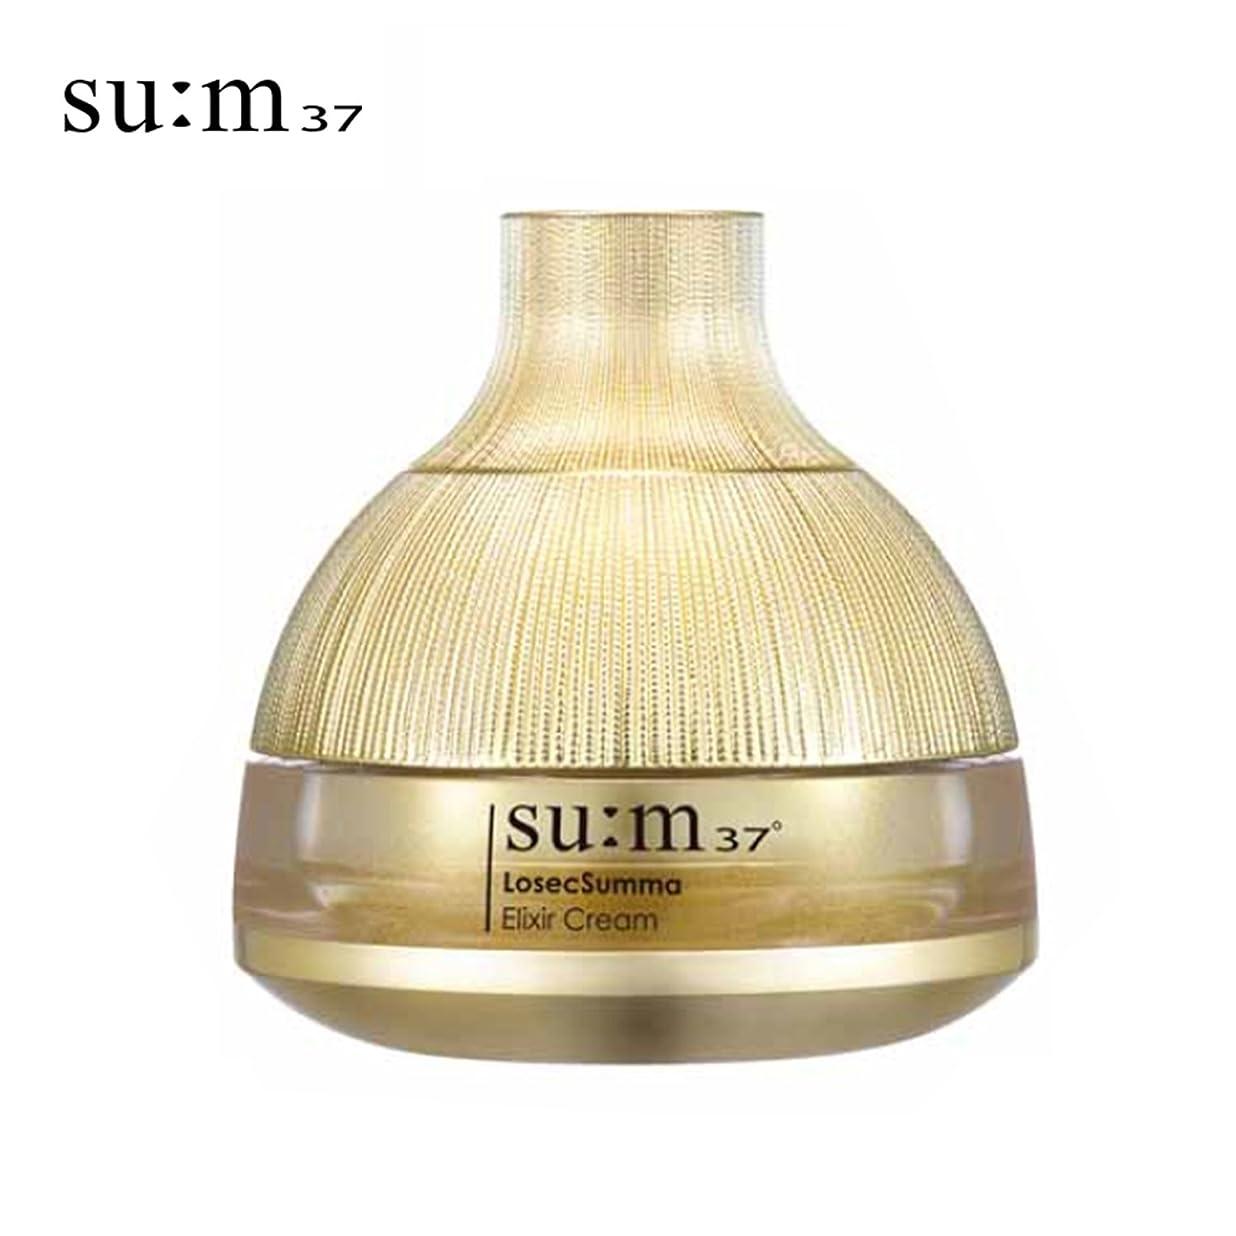 語厚いプロテスタント[su:m37/スム37°]Sum37 LOSEC SUMMA ELIXIR Cream 60ml/スム37 LOSEC SUMMA ELIXIR クリーム 60ml + [Sample Gift](海外直送品)